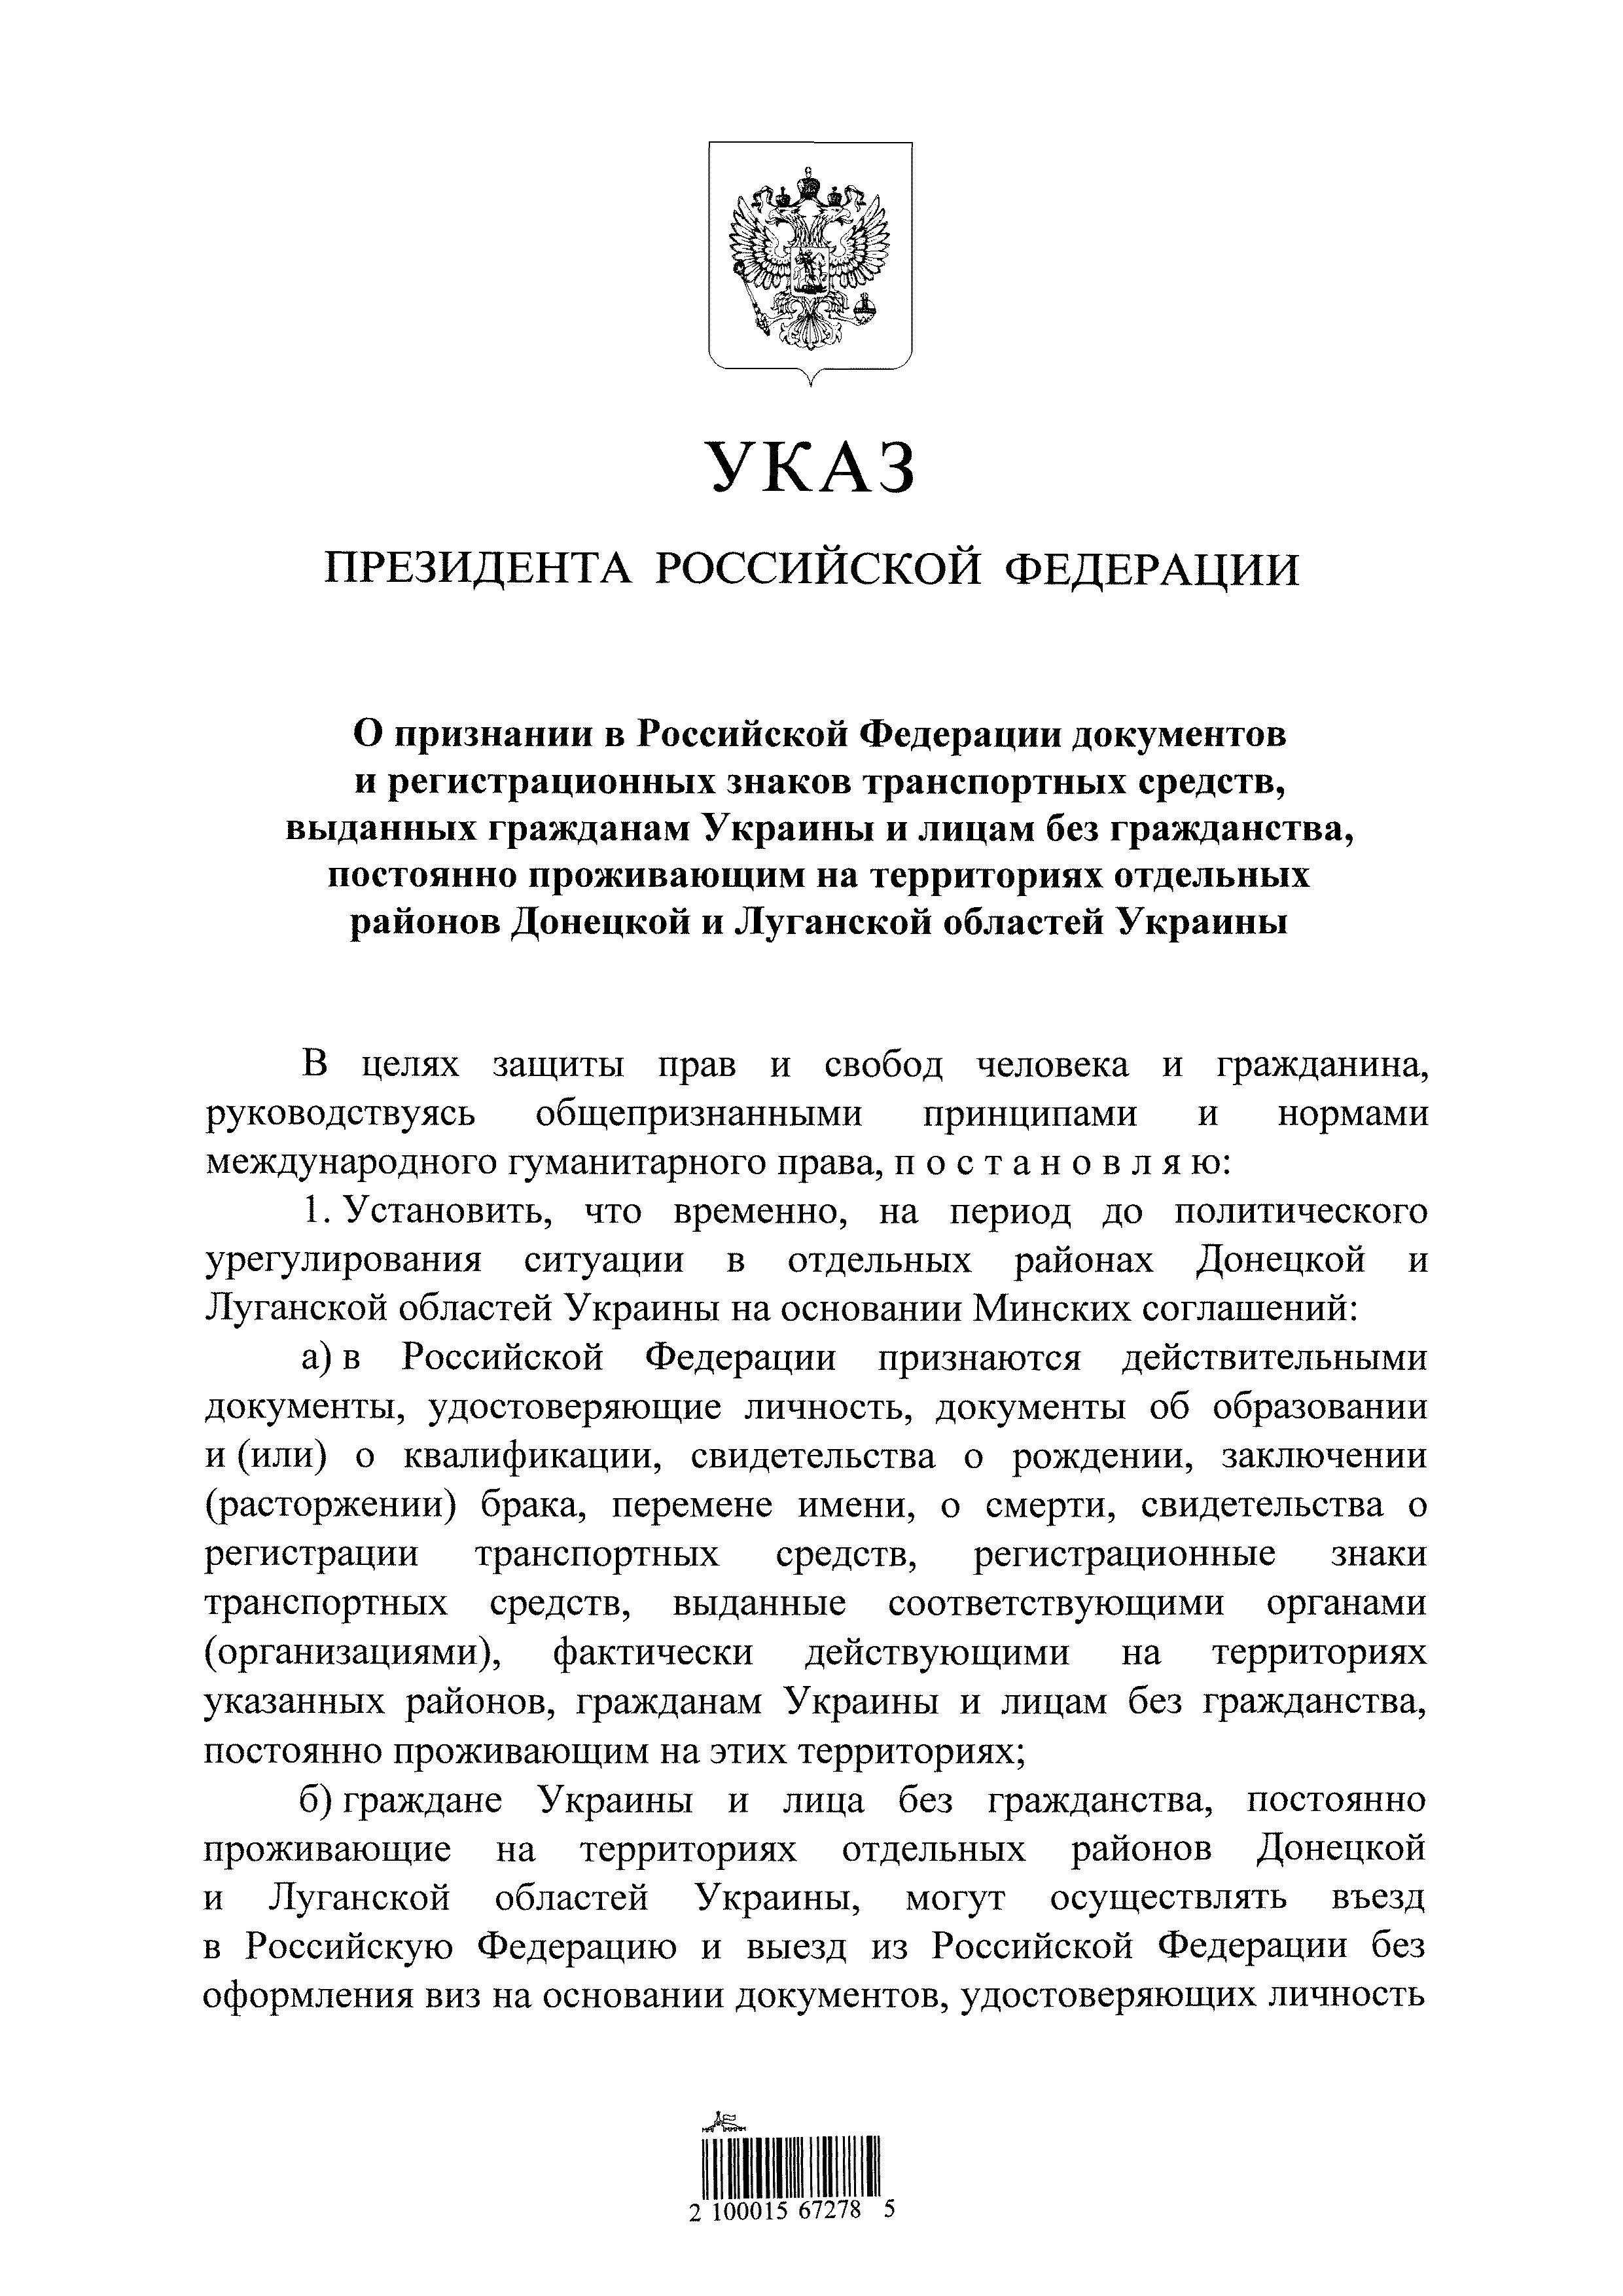 текст указа путина о временном признании документов днр пациентов